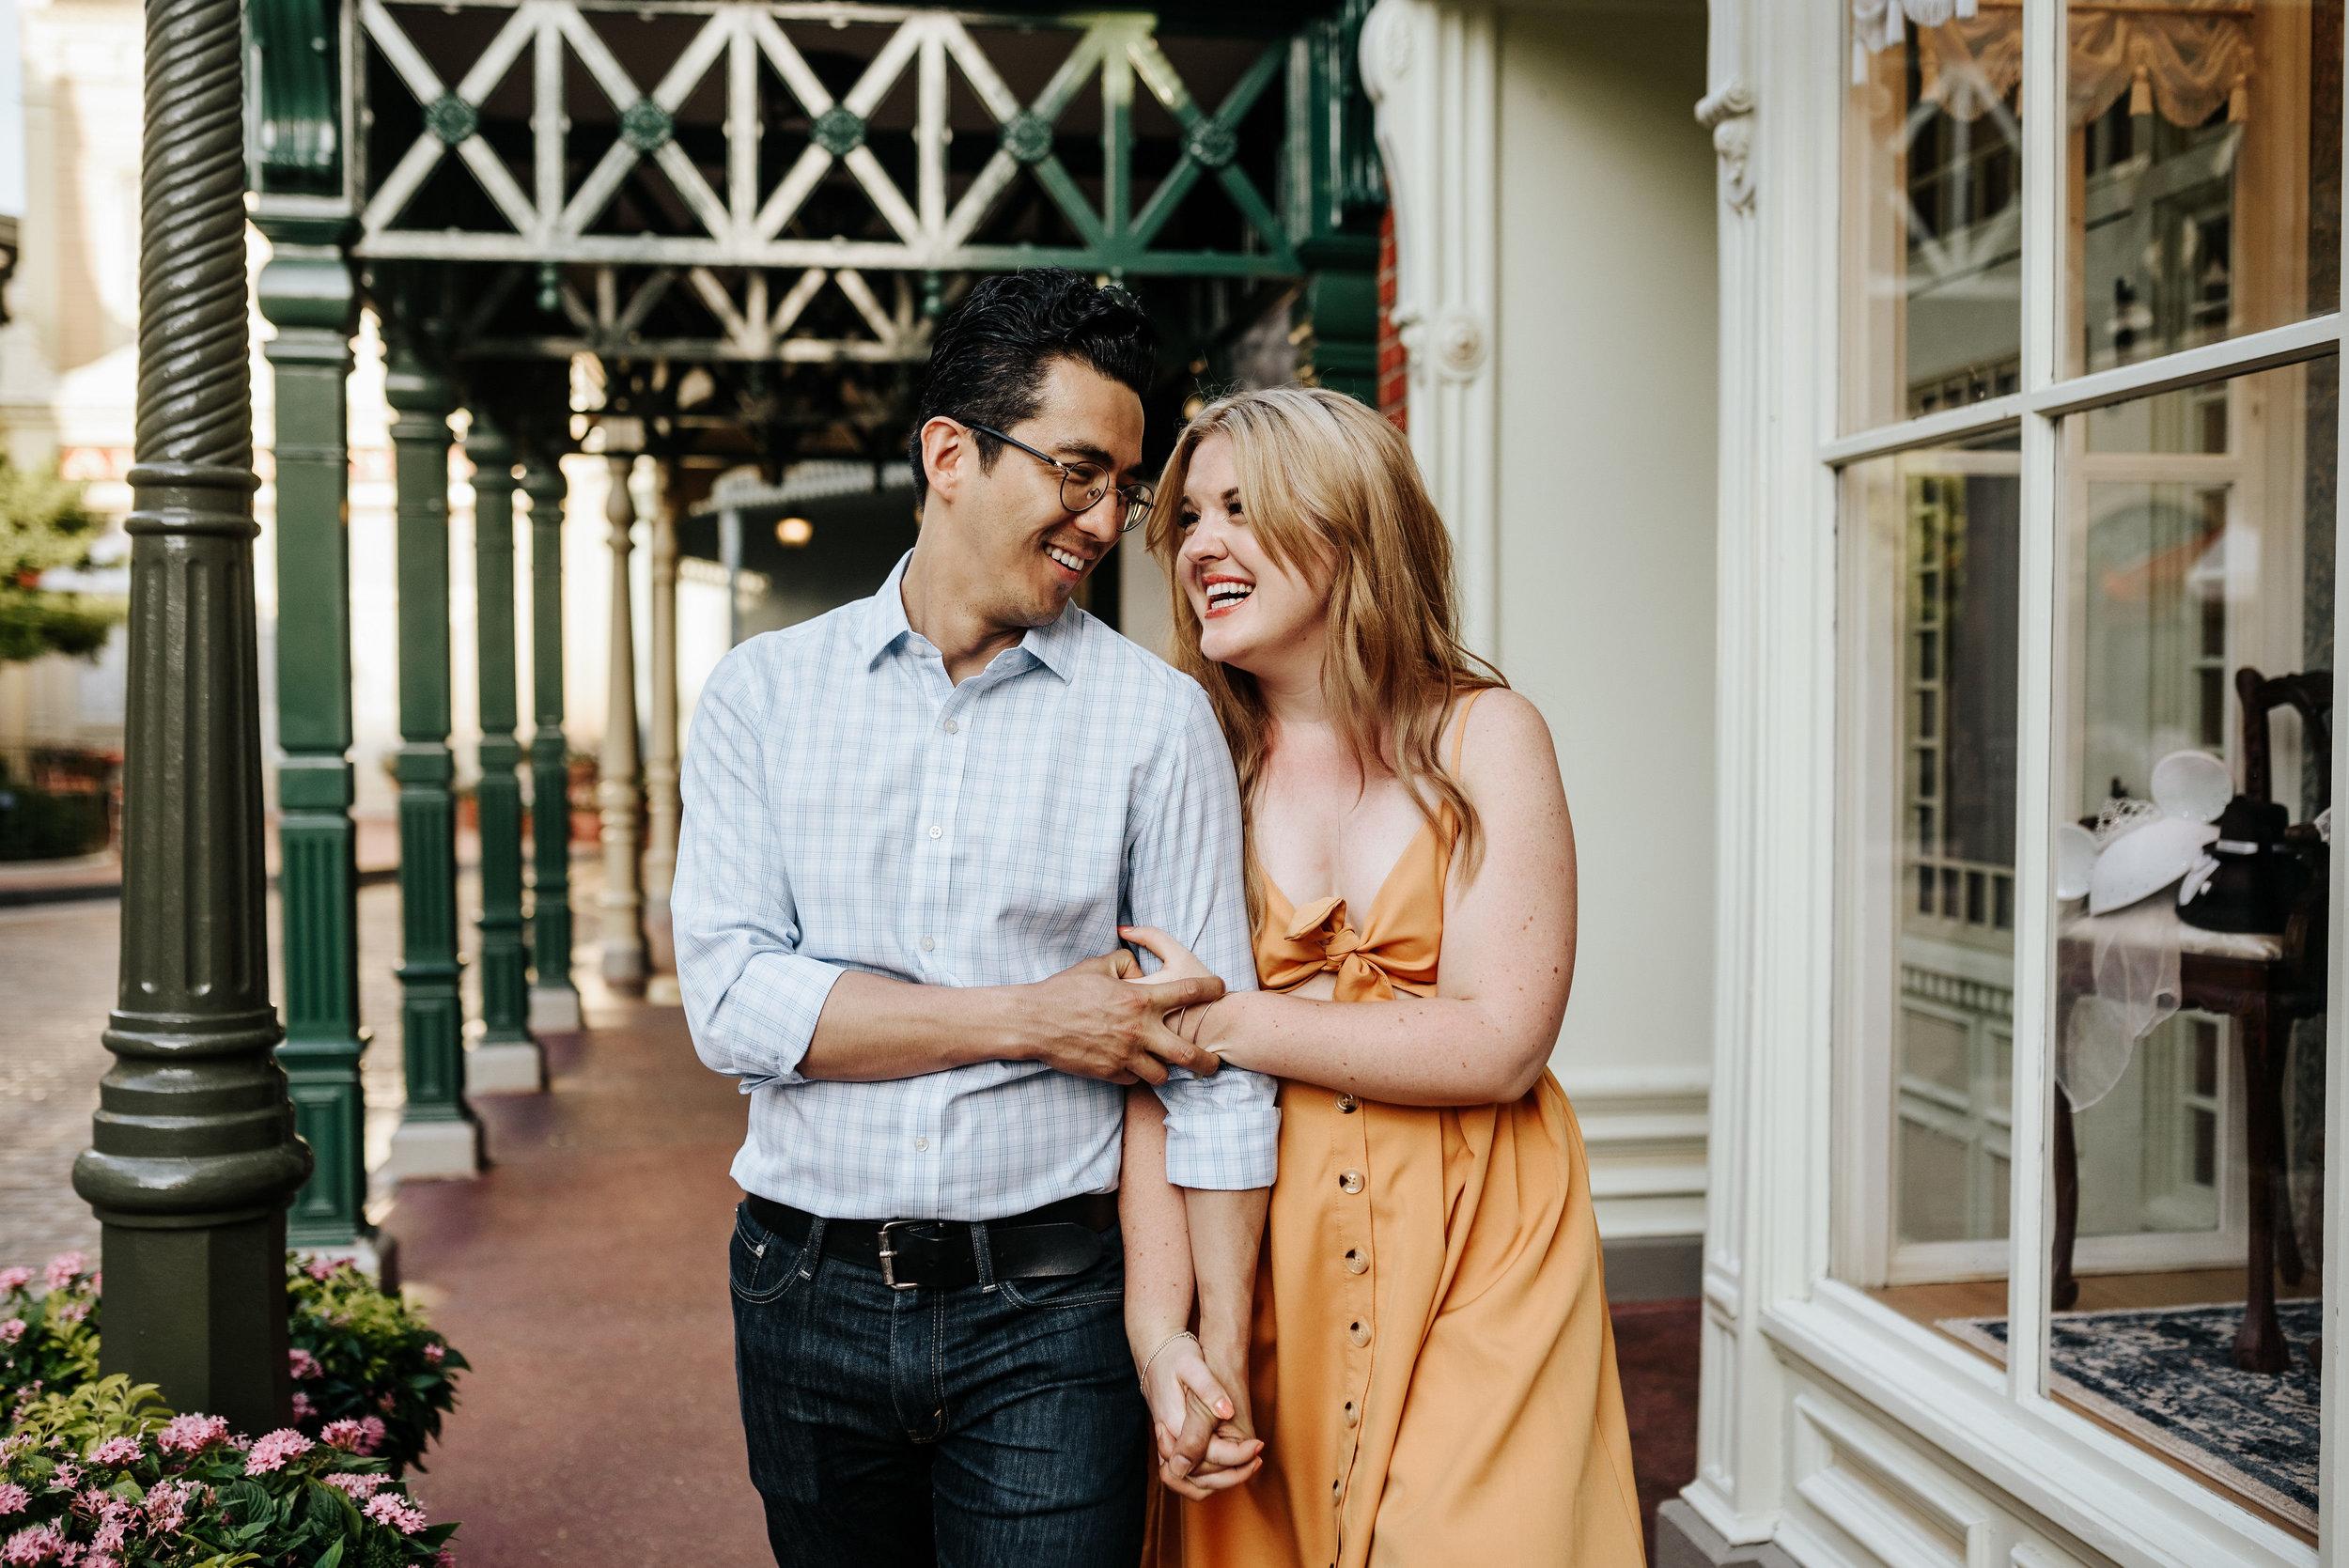 Kelsey_John_Disney_Magic_Kingdom_Engagement_Session_Orlando_Florida_Wedding_Photography_by_V_2246.jpg